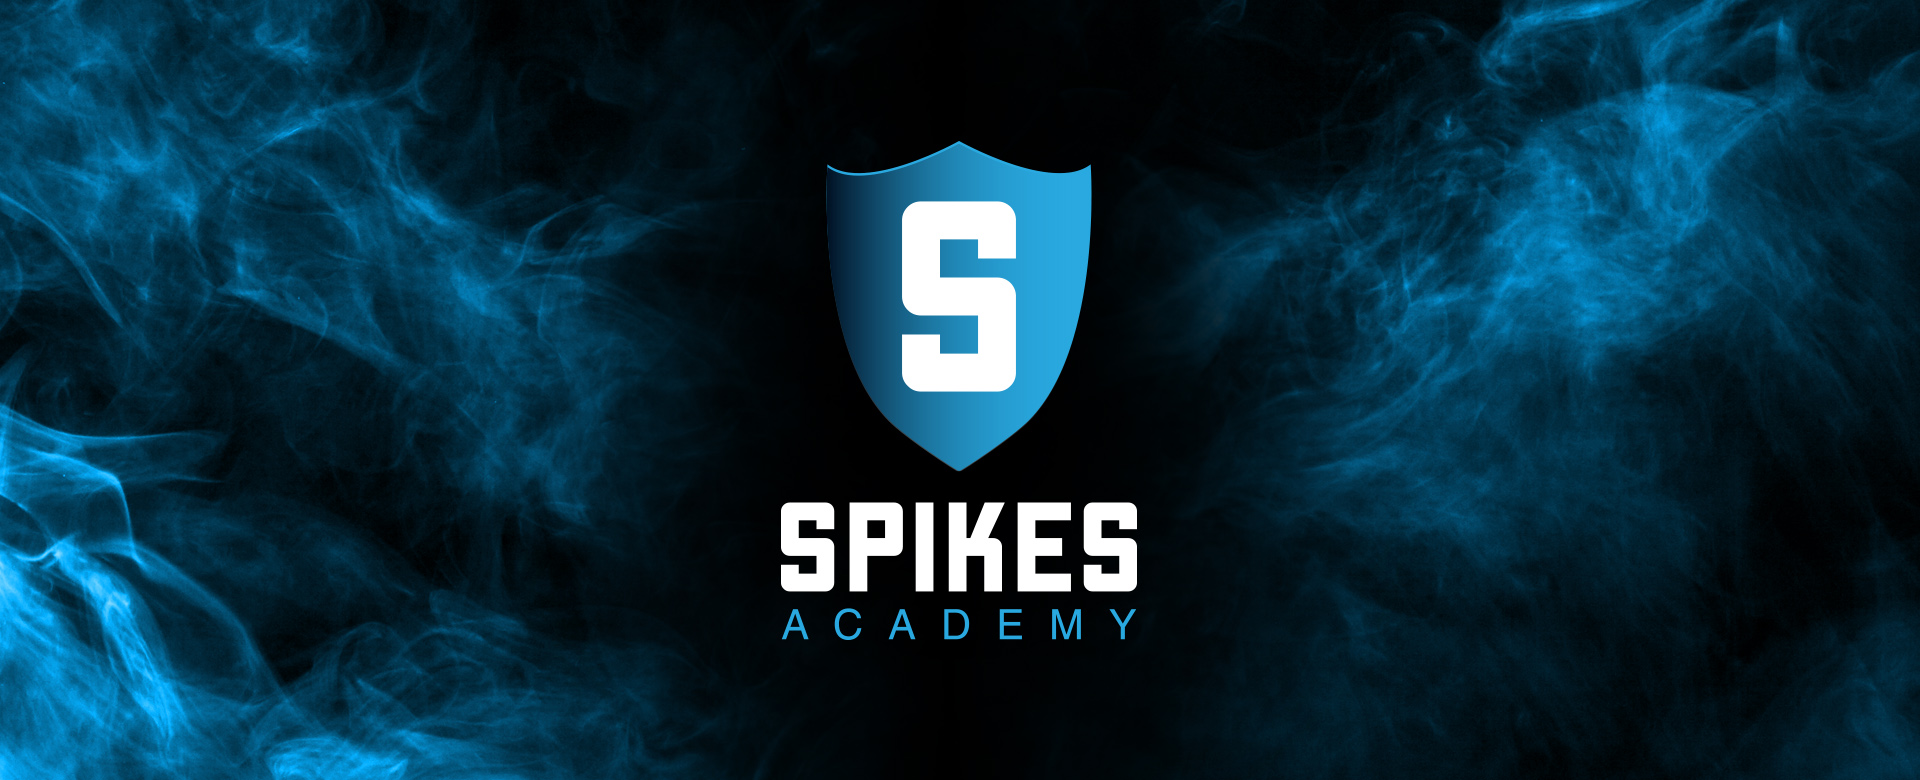 Spikes Academy Logo